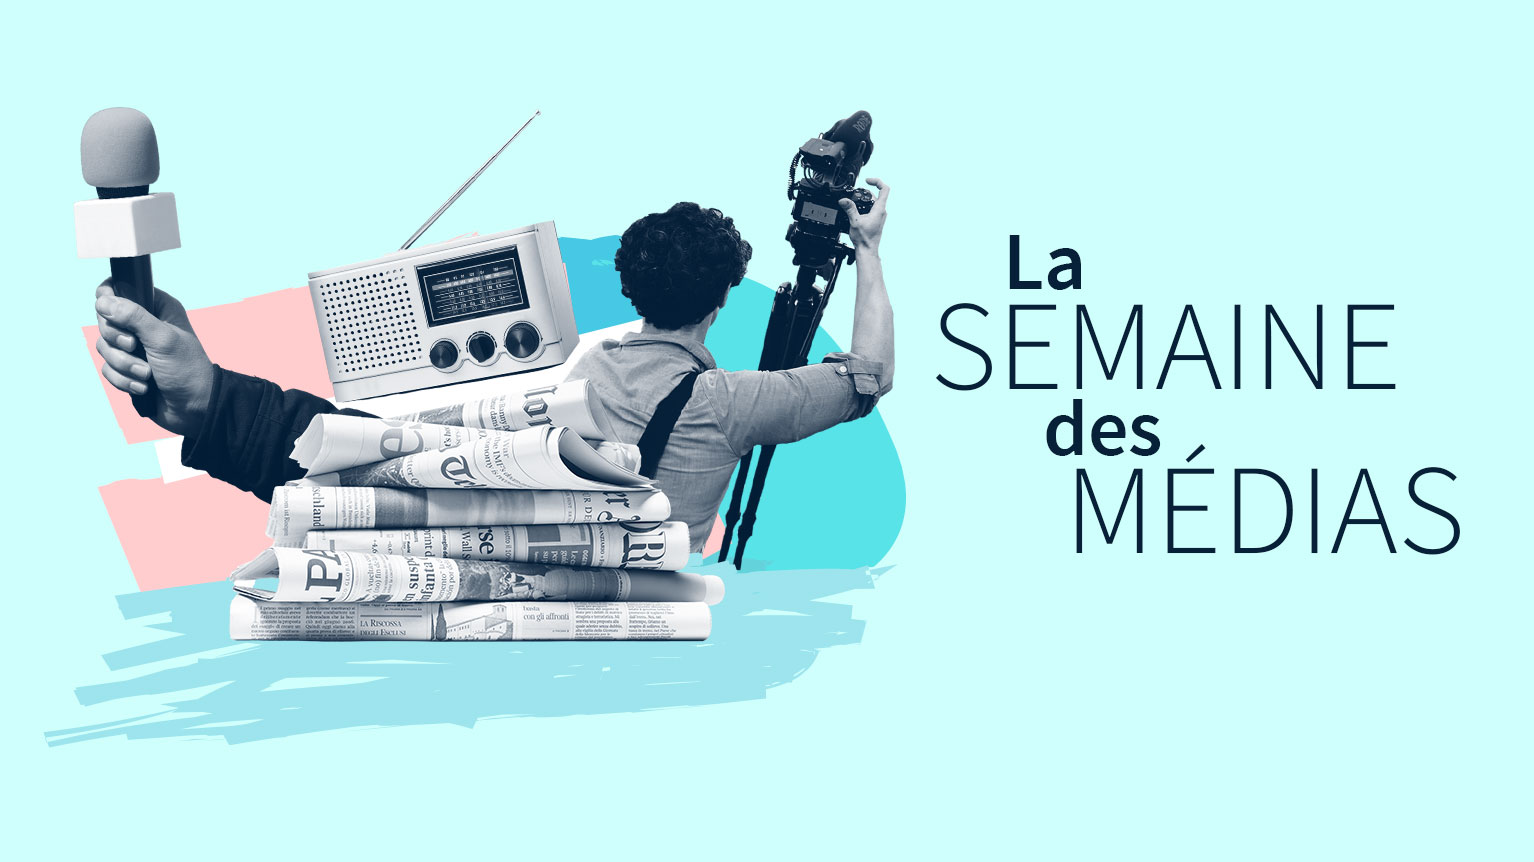 La semaine des médias N°10 : Hélène Bekmezian,  Pauline de Saint-Rémy, Guénaëlle Troly, Agnès Molinier, Marie-Sophie Lacarrau...